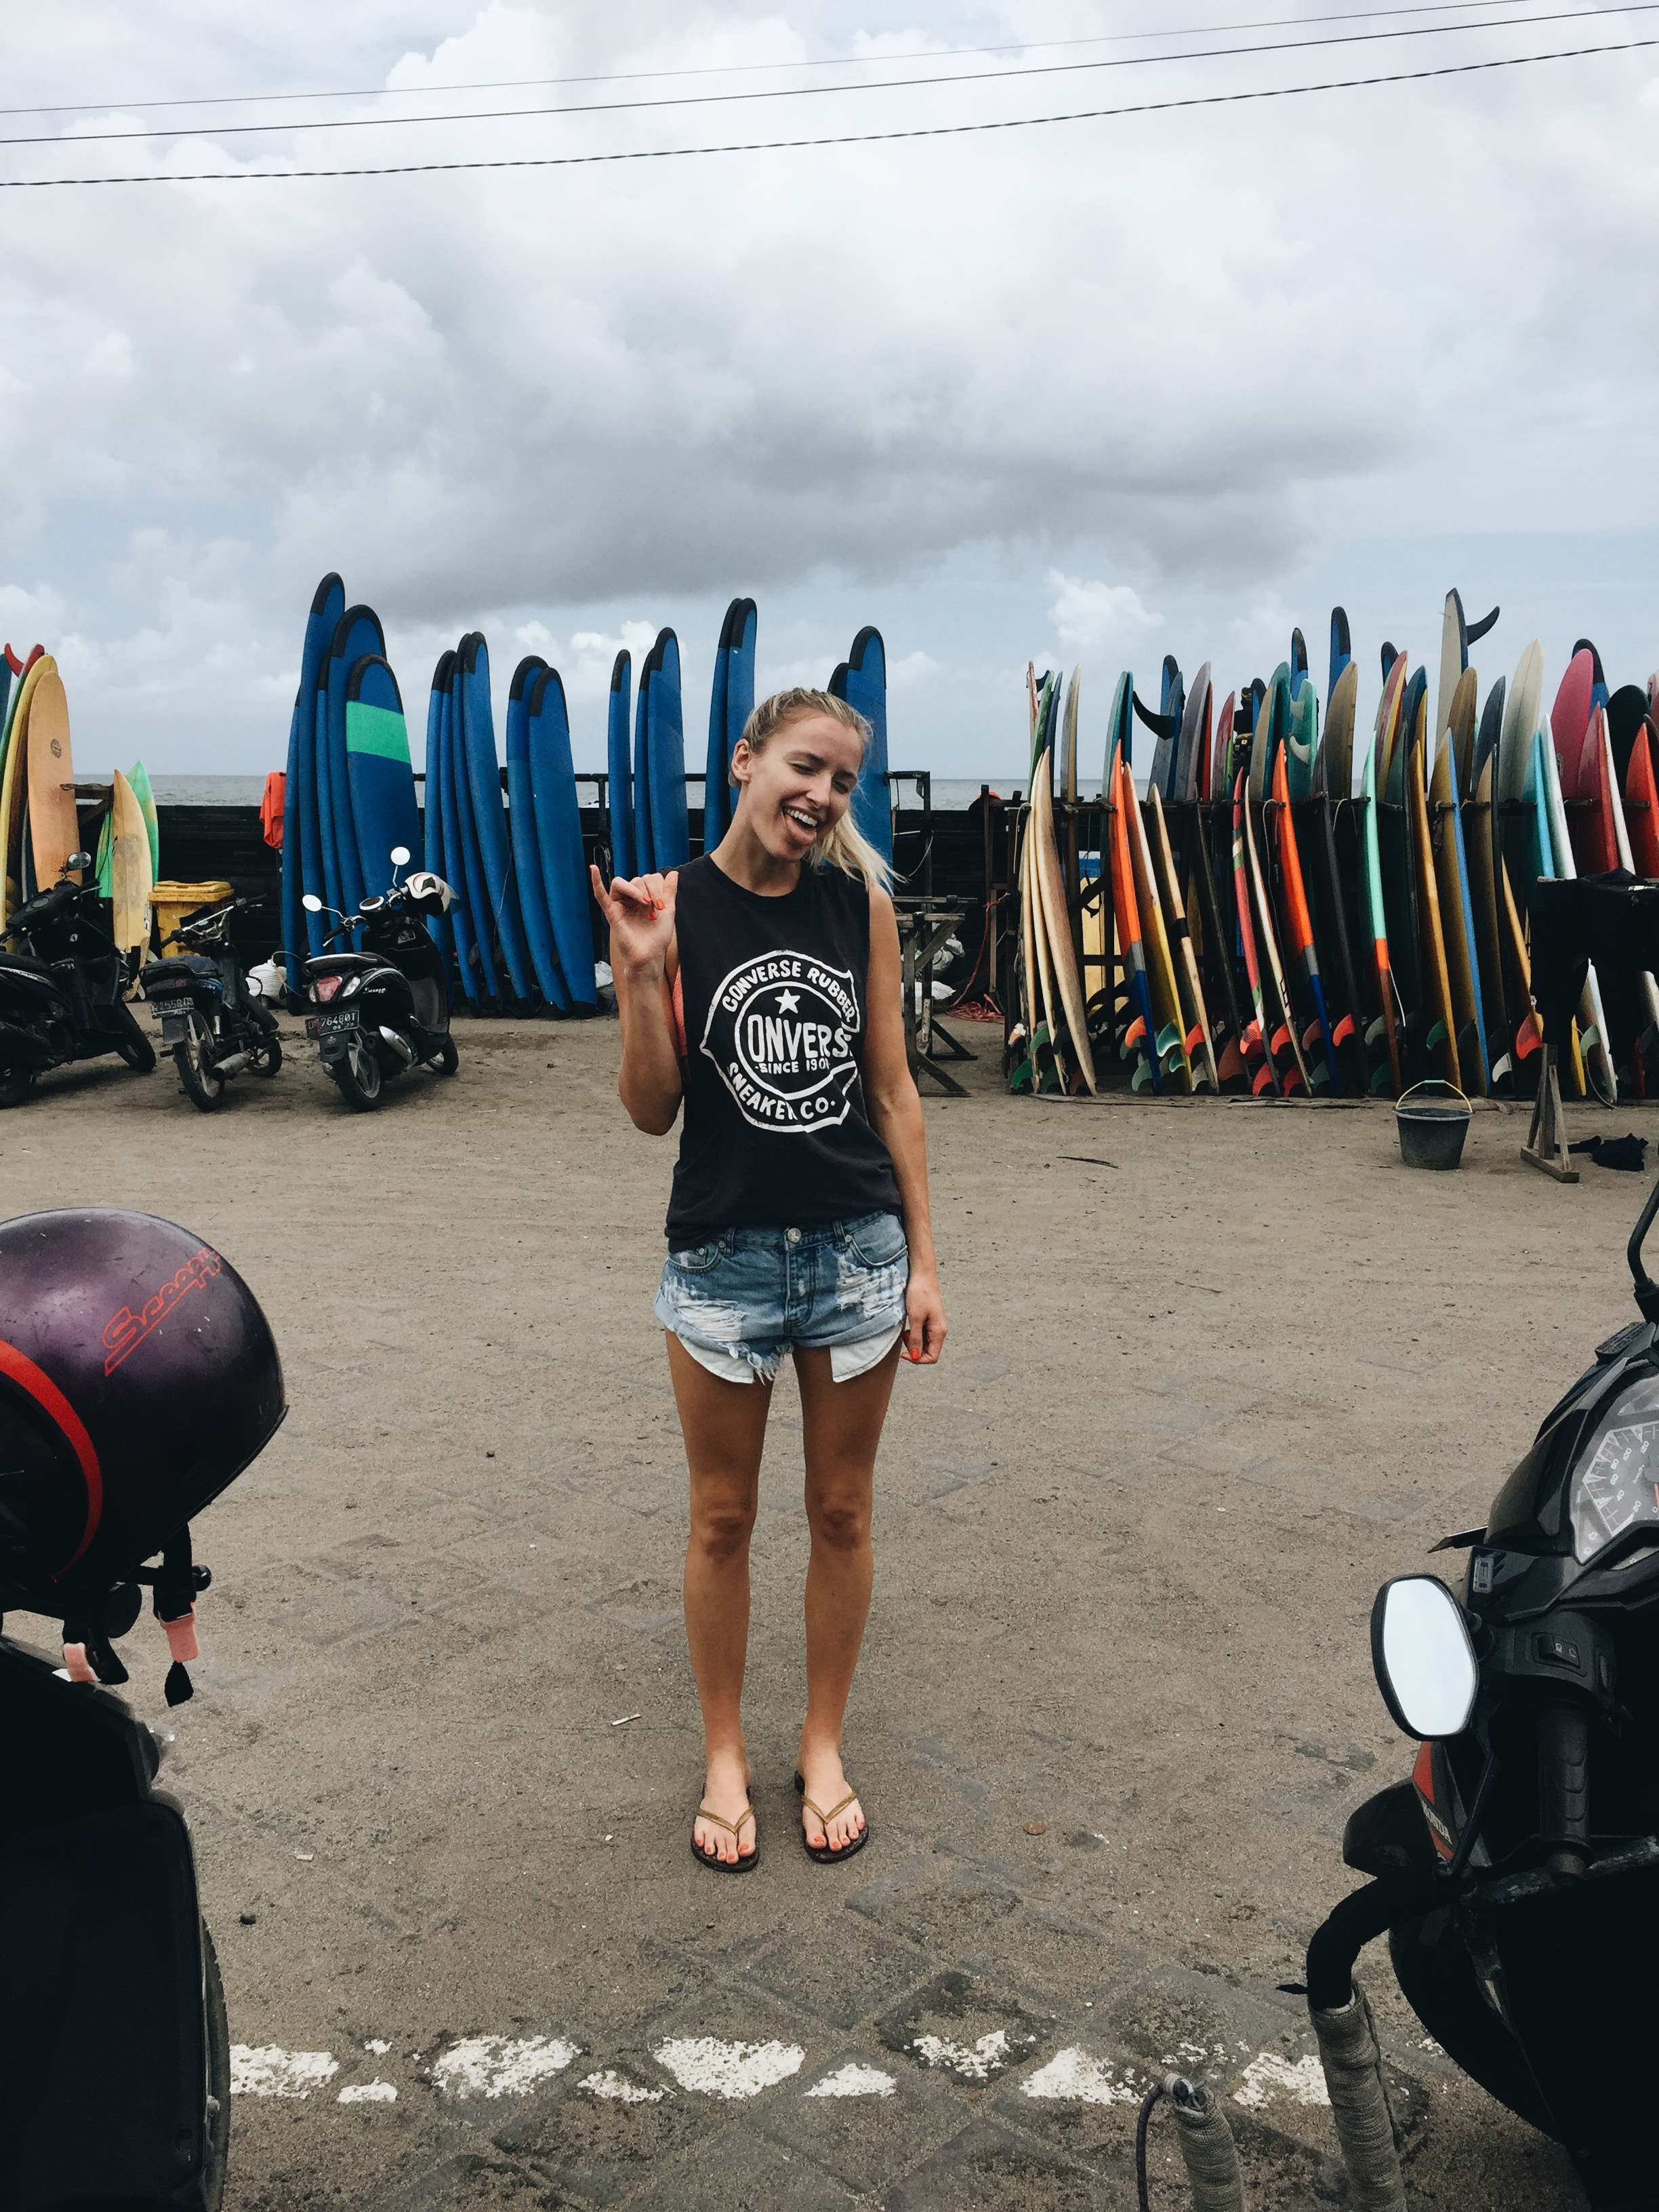 Surfing at Batu Bolong Beach, Canggu